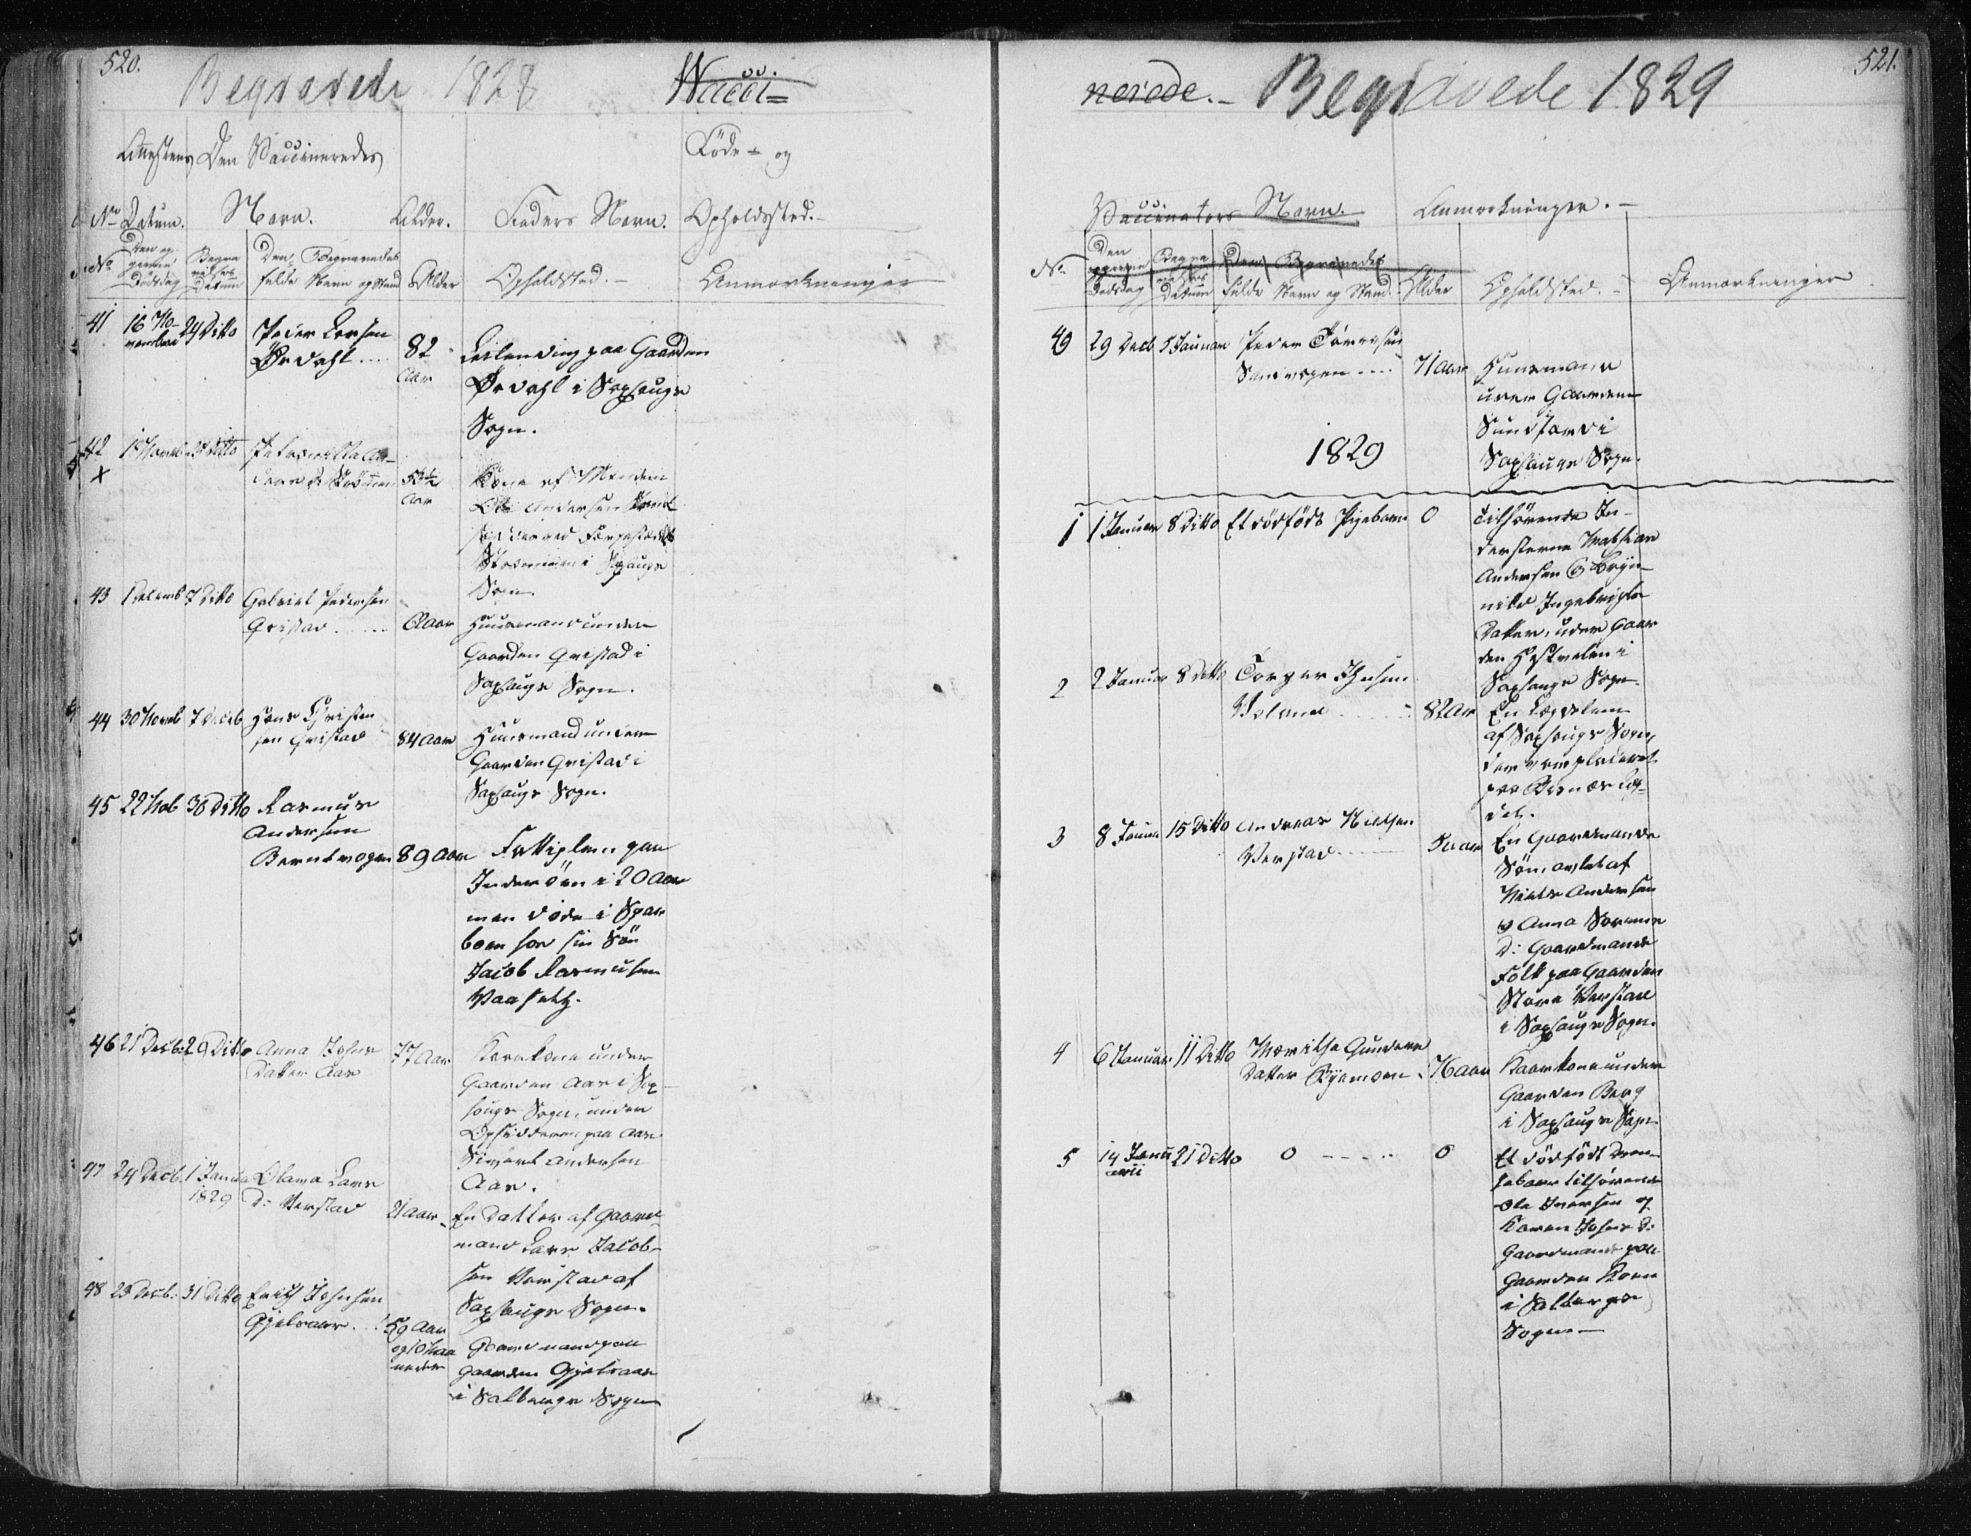 SAT, Ministerialprotokoller, klokkerbøker og fødselsregistre - Nord-Trøndelag, 730/L0276: Ministerialbok nr. 730A05, 1822-1830, s. 520-521